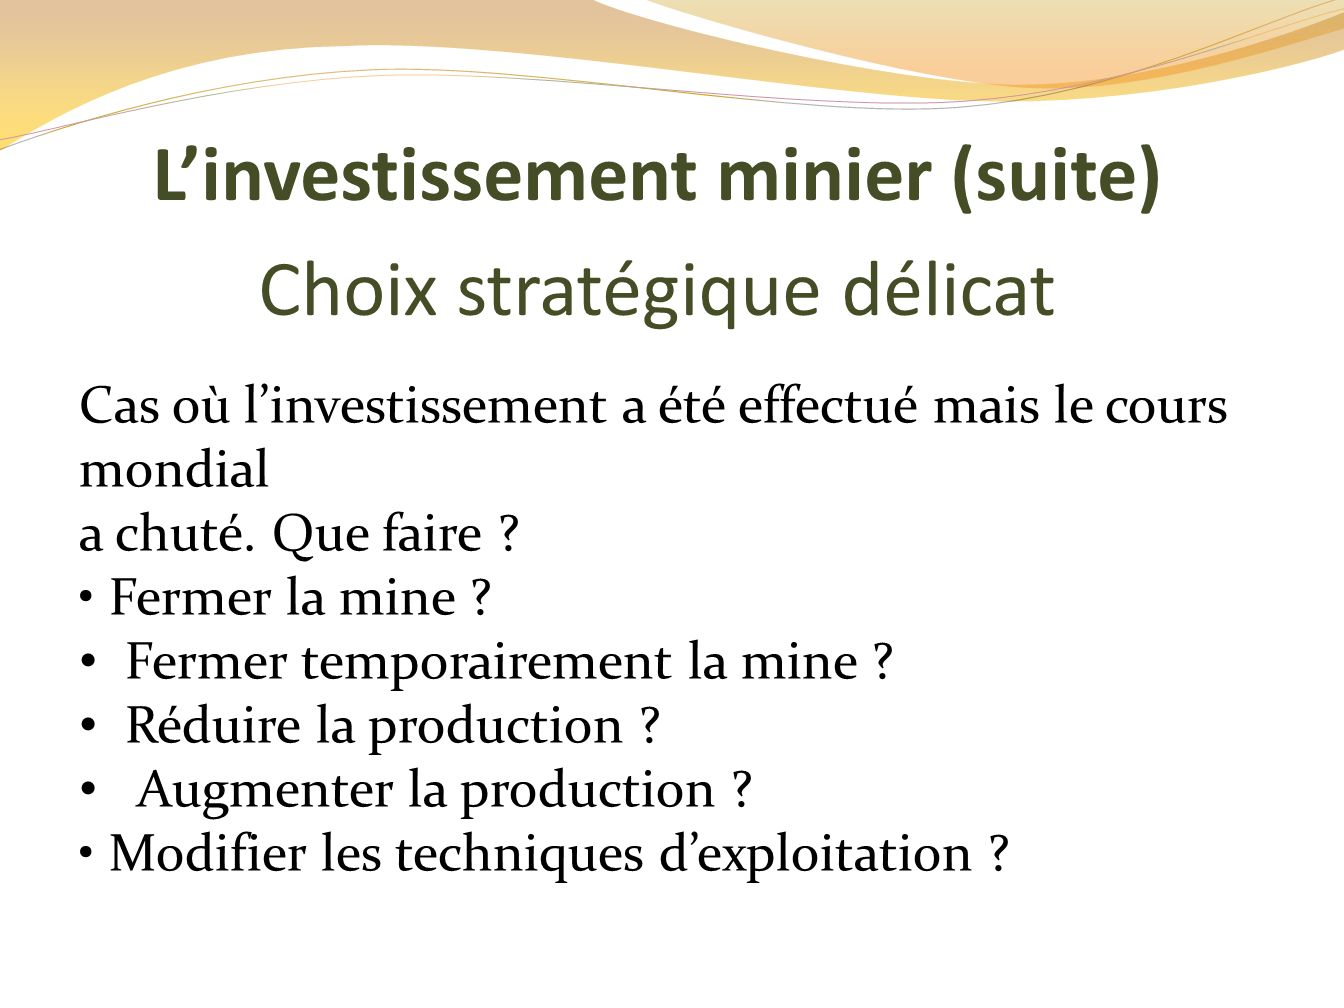 L'investissement minier (suite)